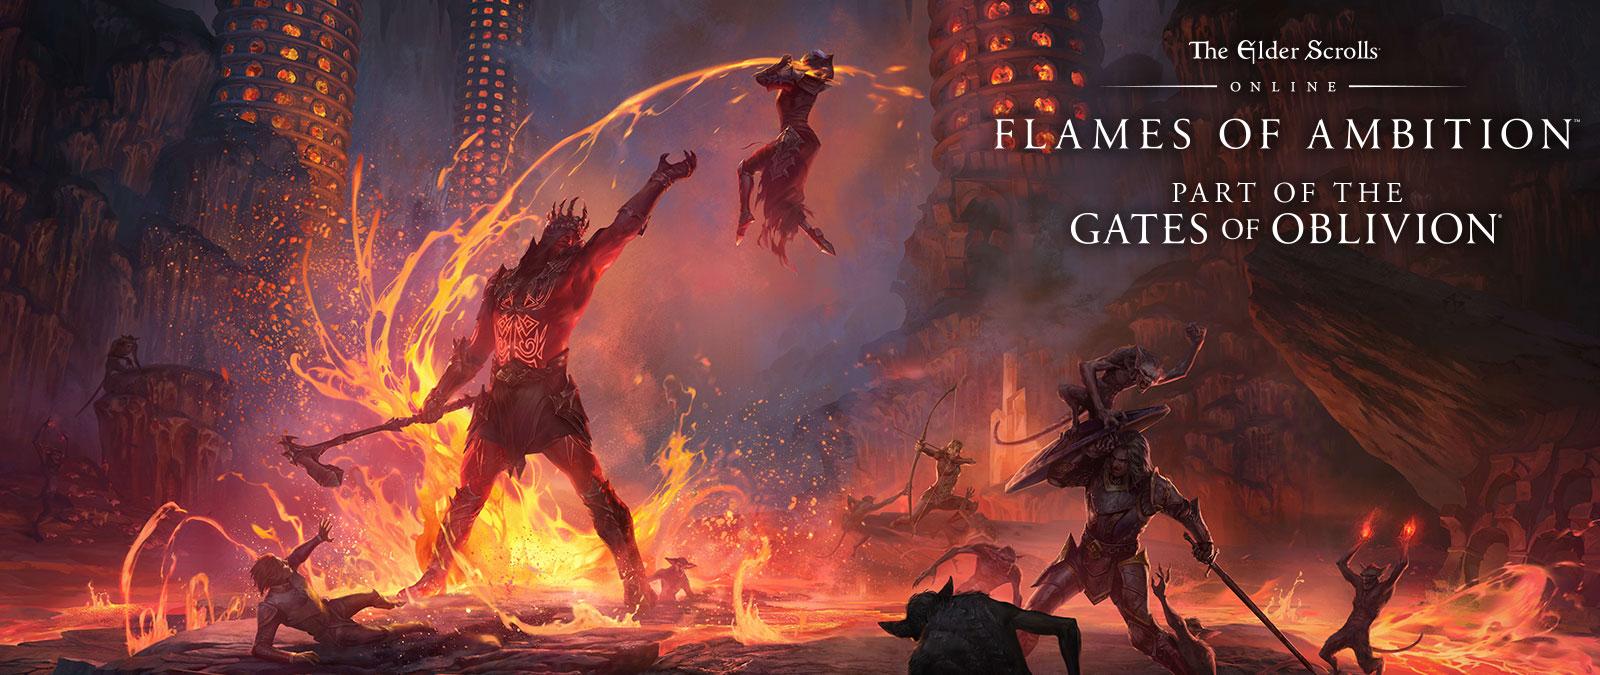 The Elder Scrolls Online: Flames of Ambition. Teil von Gates of Oblivion. Ritter kämpfen gegen Dämonen und ein großes Monster mit Lava.